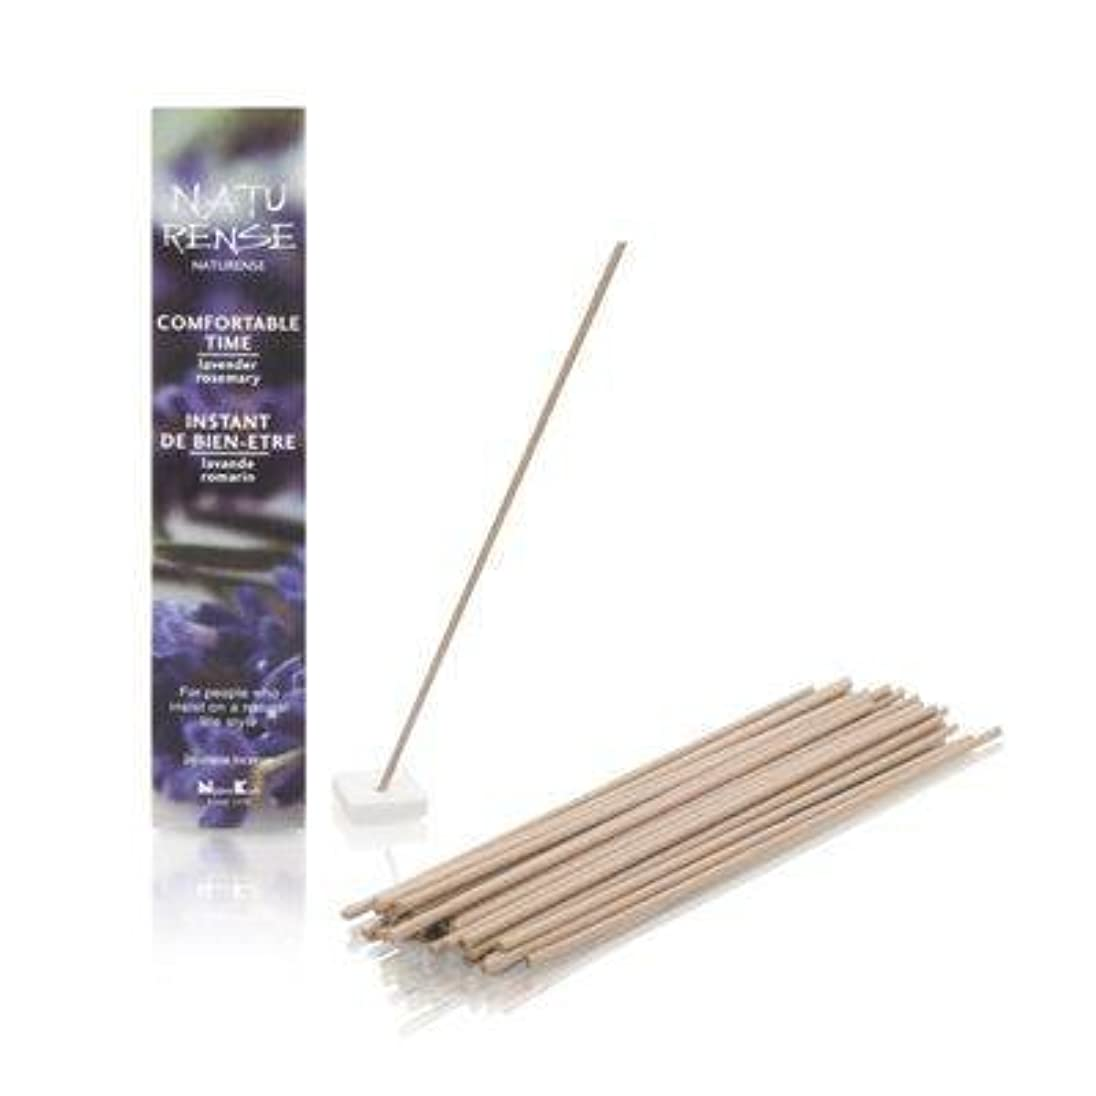 懐疑的同性愛者力学Naturense快適な時間40 Insence Sticks withホルダーラベンダー/ローズマリー